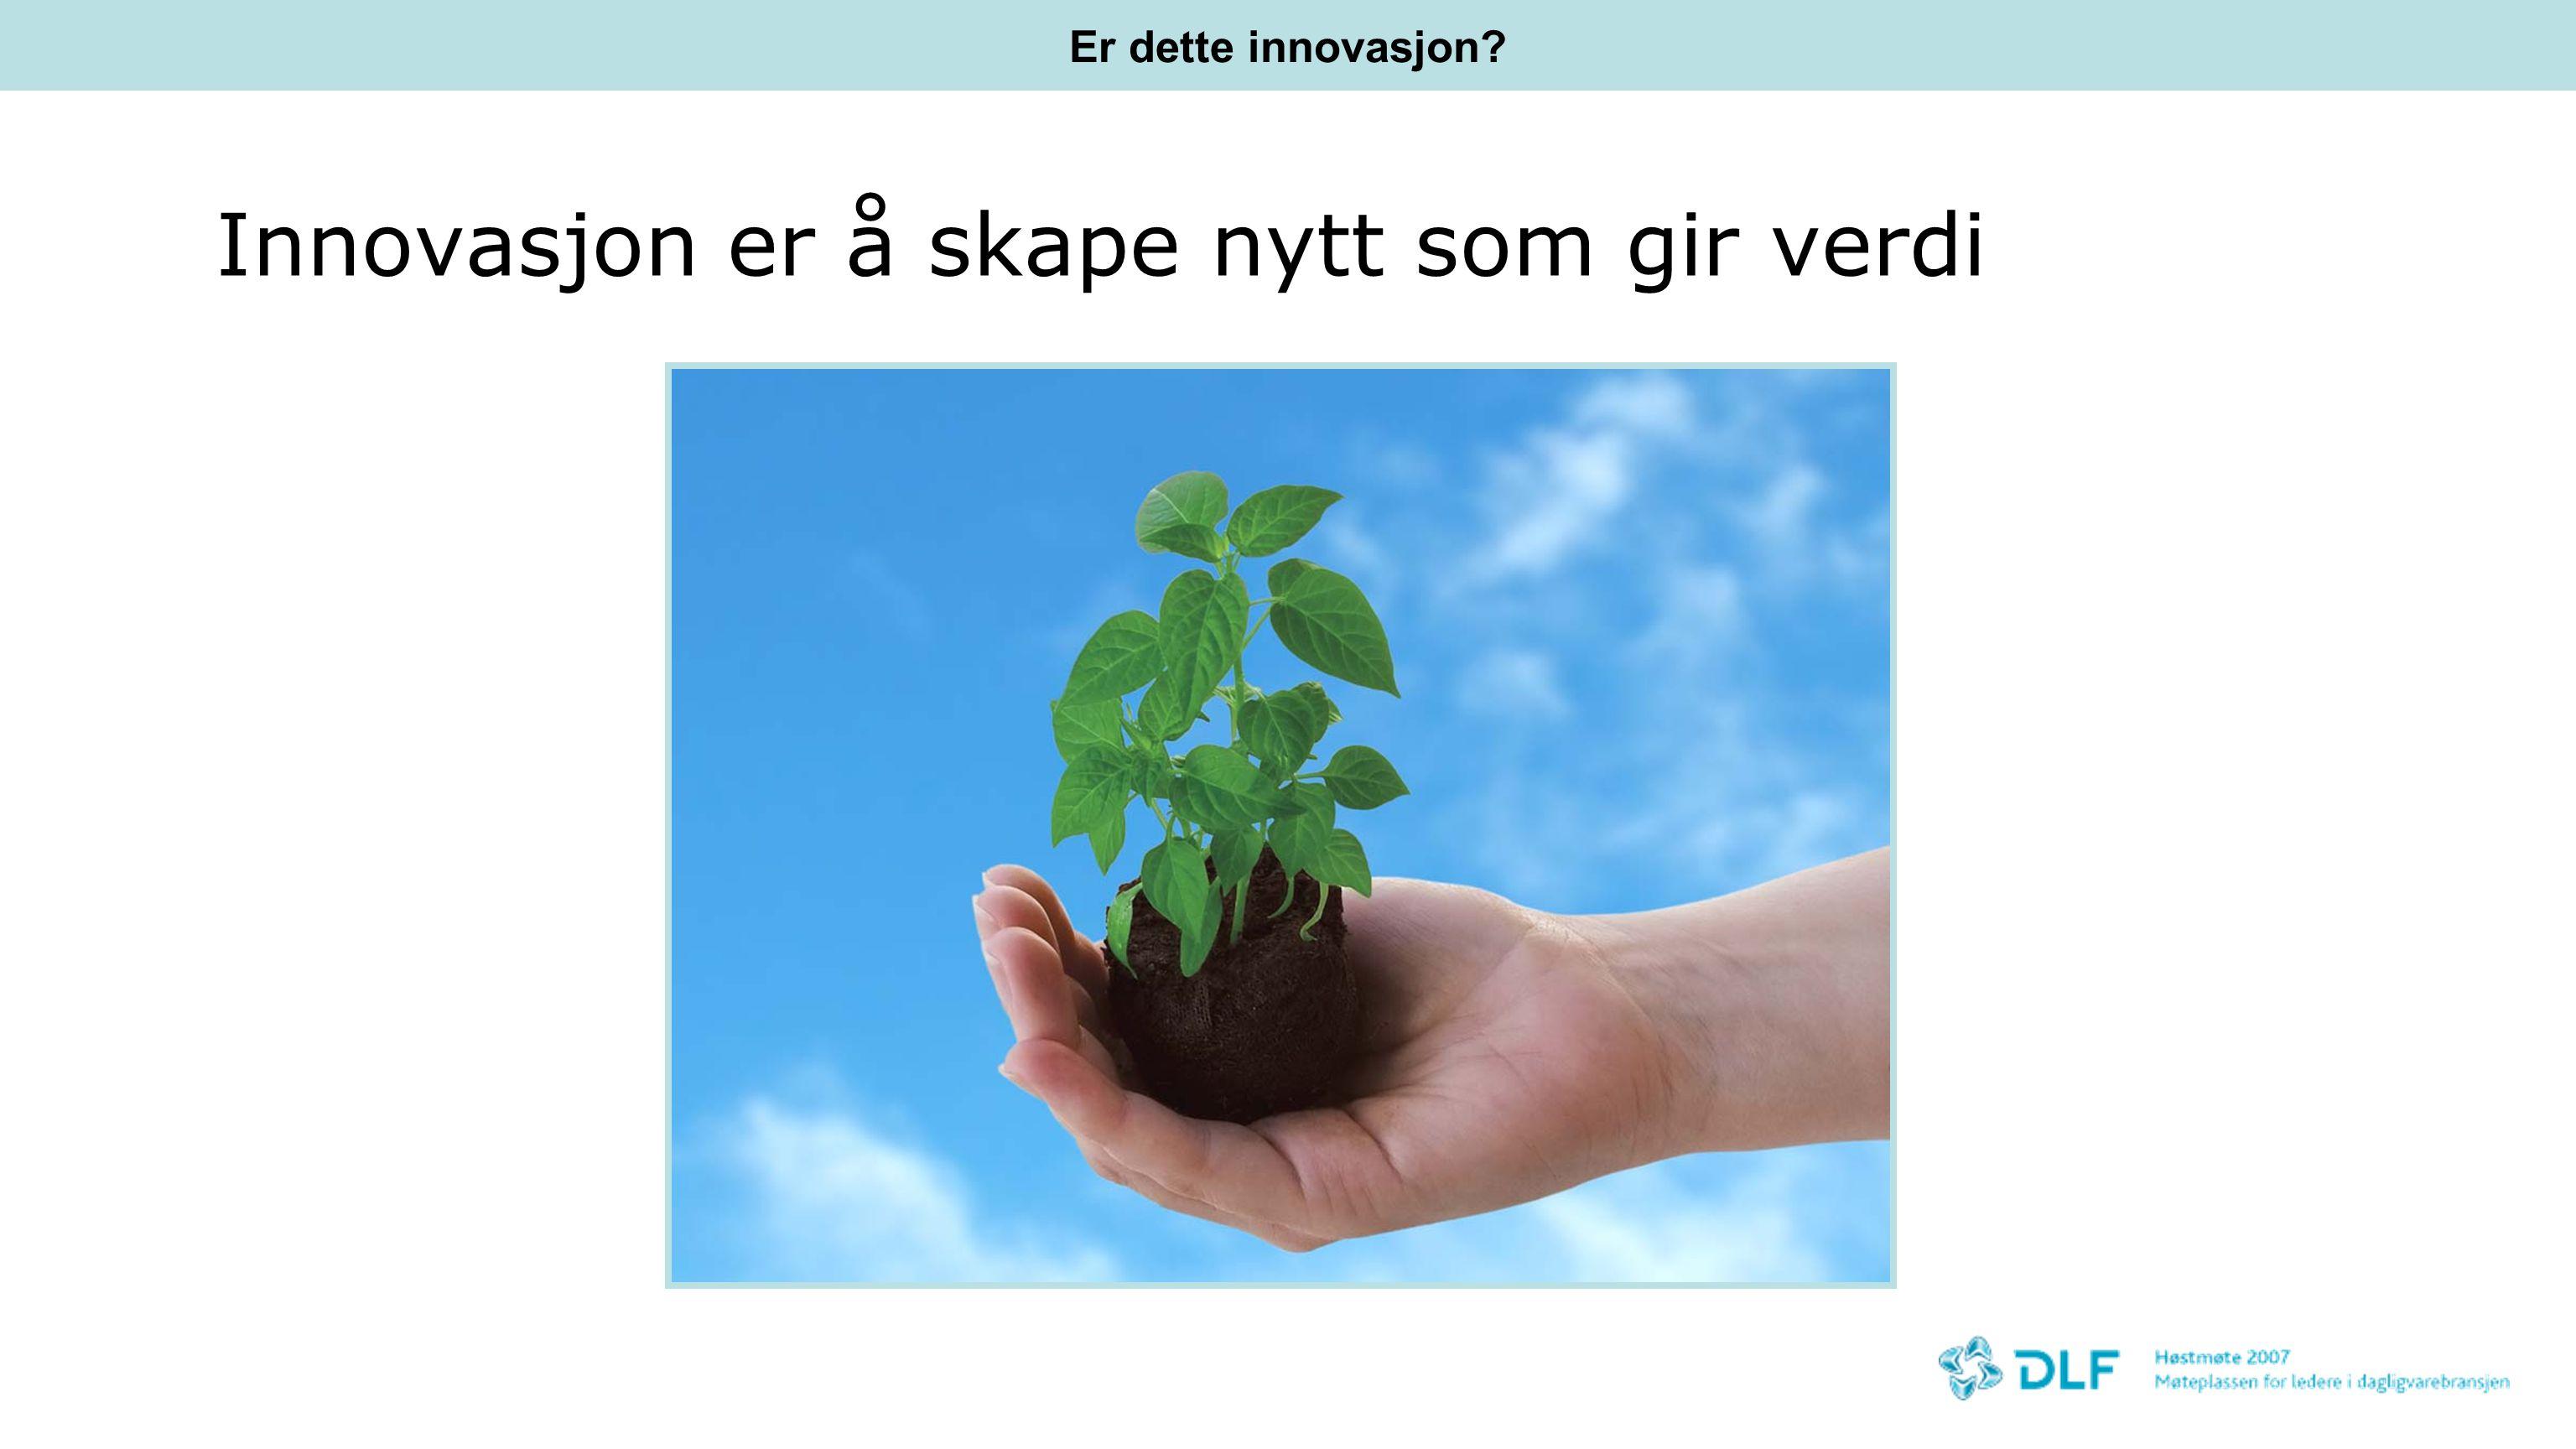 Innovasjon er å skape nytt som gir verdi